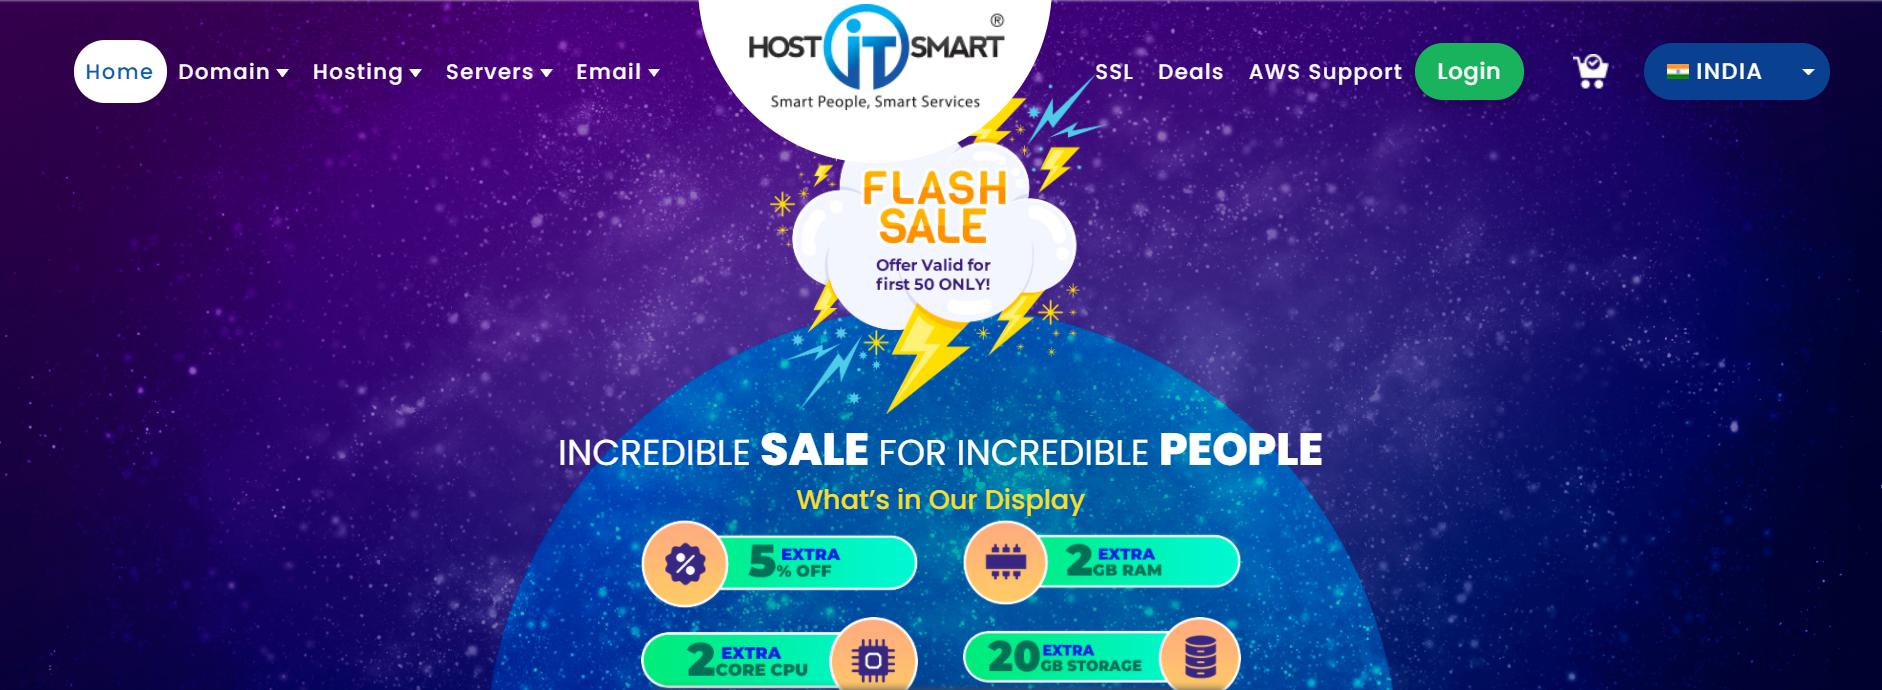 HostitSmart Overview